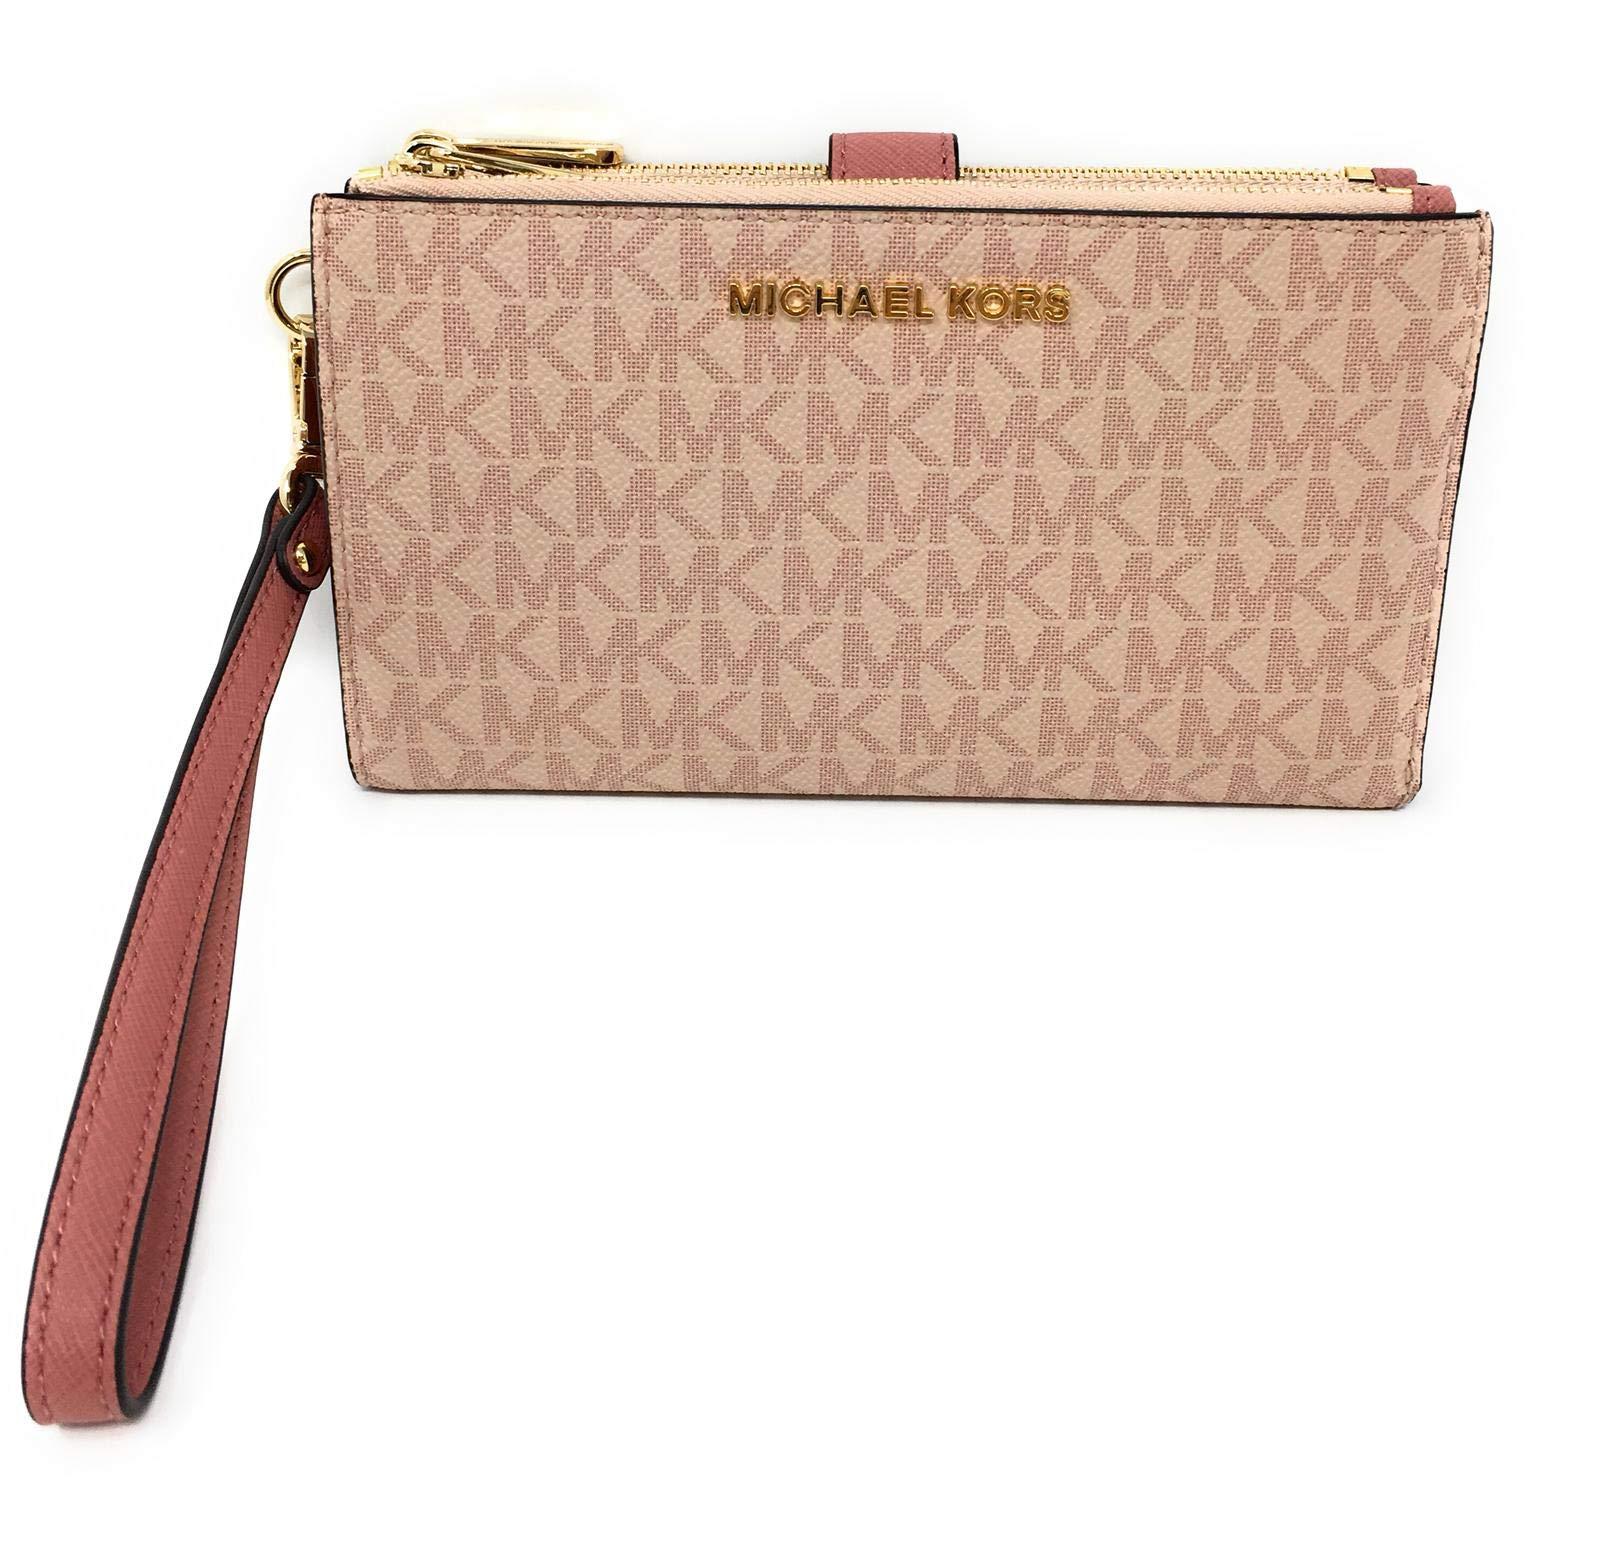 Michael Kors Jet Set Travel Double Zip Saffiano Leather Wristlet Wallet (Ballet PVC/Pink)